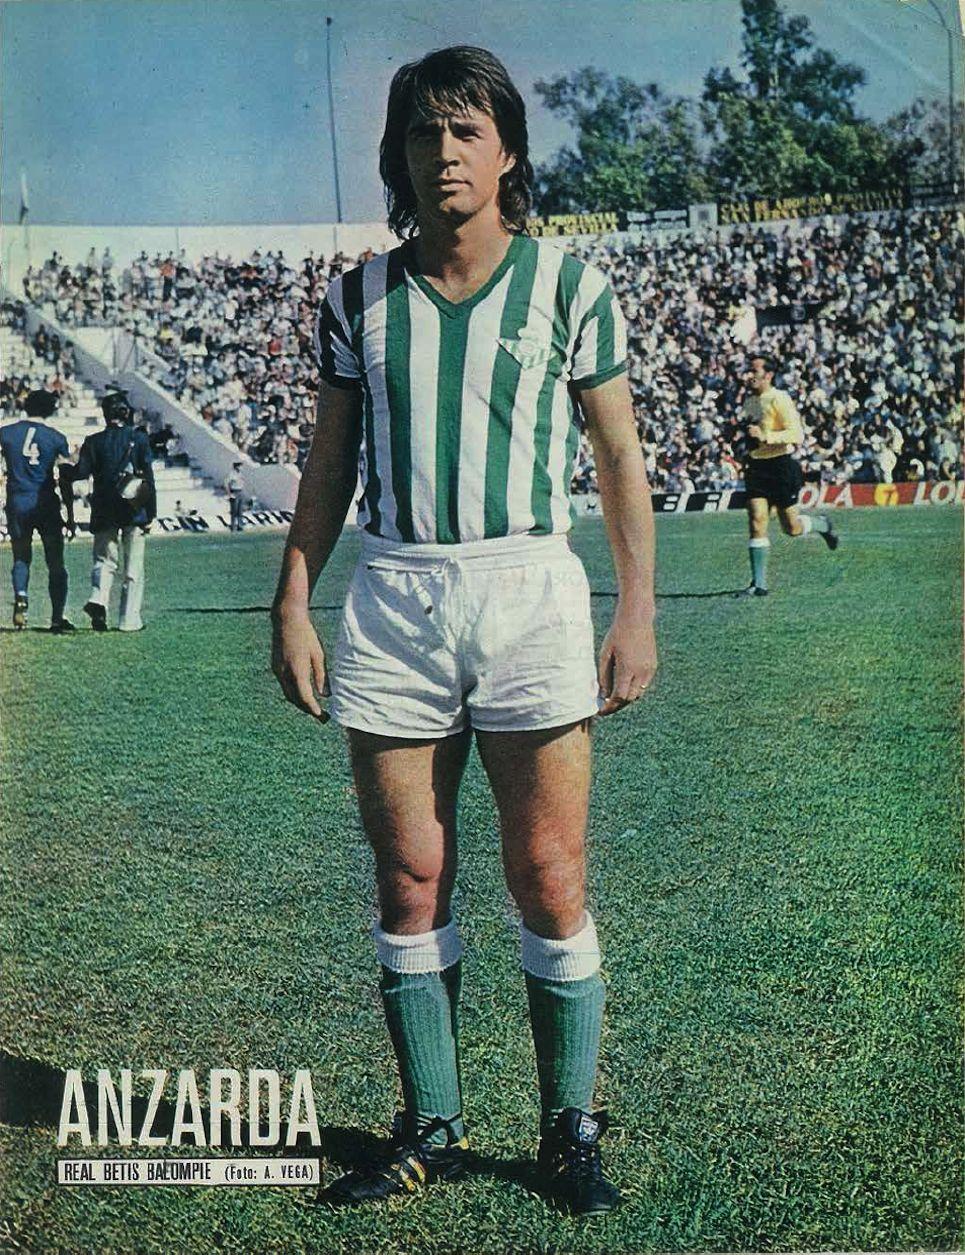 93 - Anzarda (Real Betis Balompié).  d2aa579c4c4dc